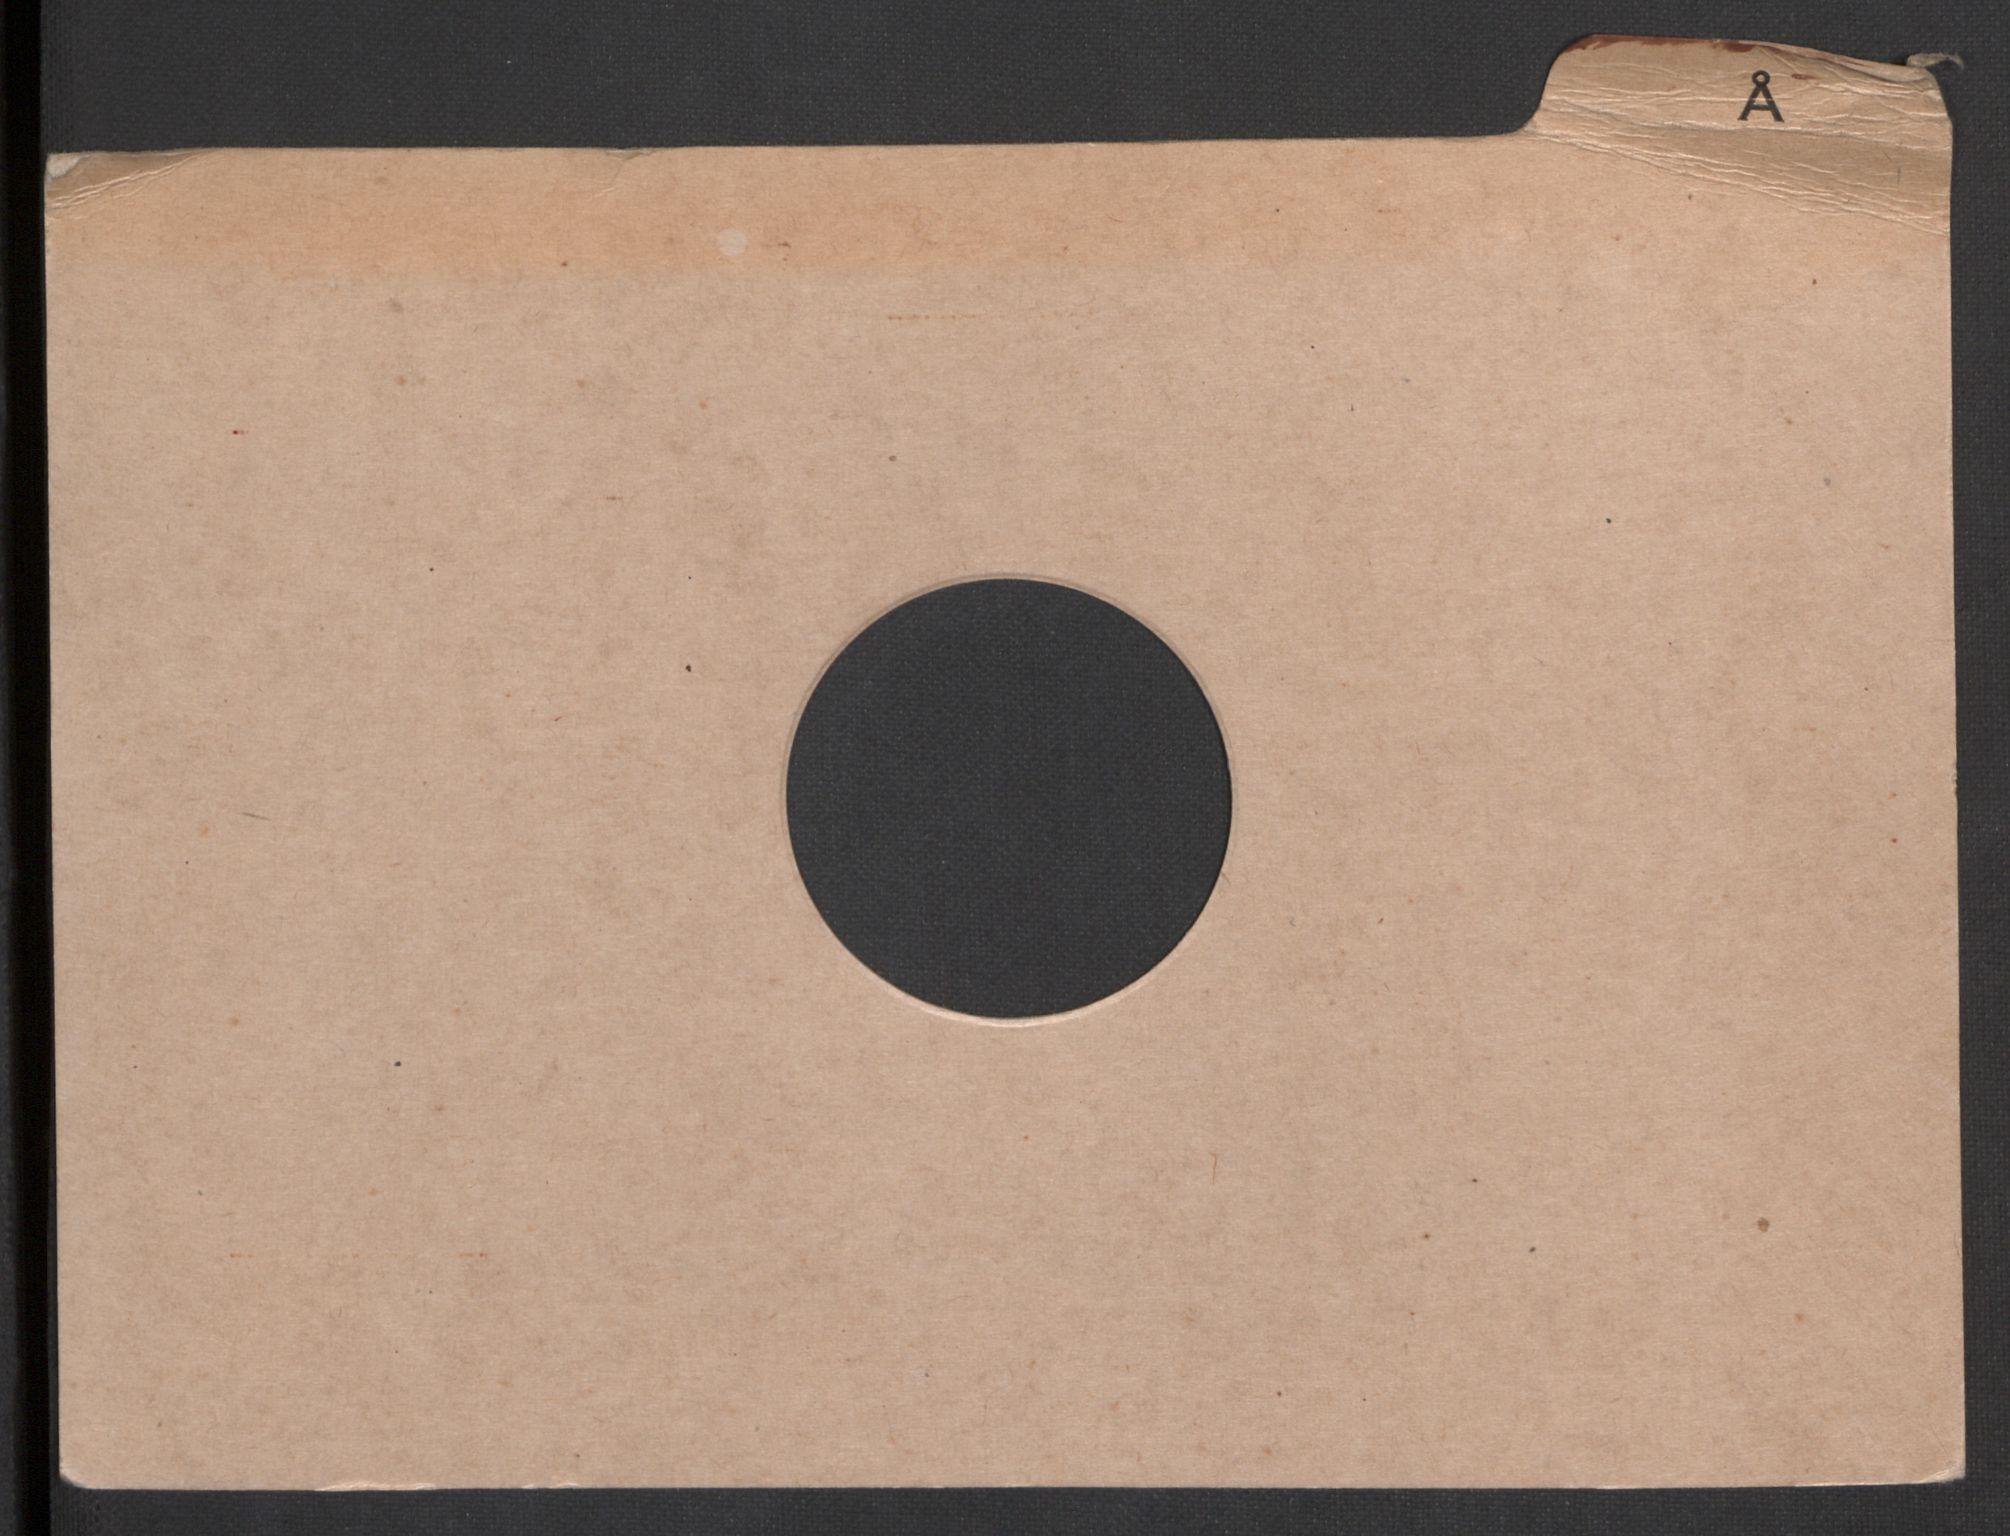 RA, Statspolitiet - Hovedkontoret / Osloavdelingen, C/Ck/Cke/L0001: Hovedfengslingsregister, 1944-1945